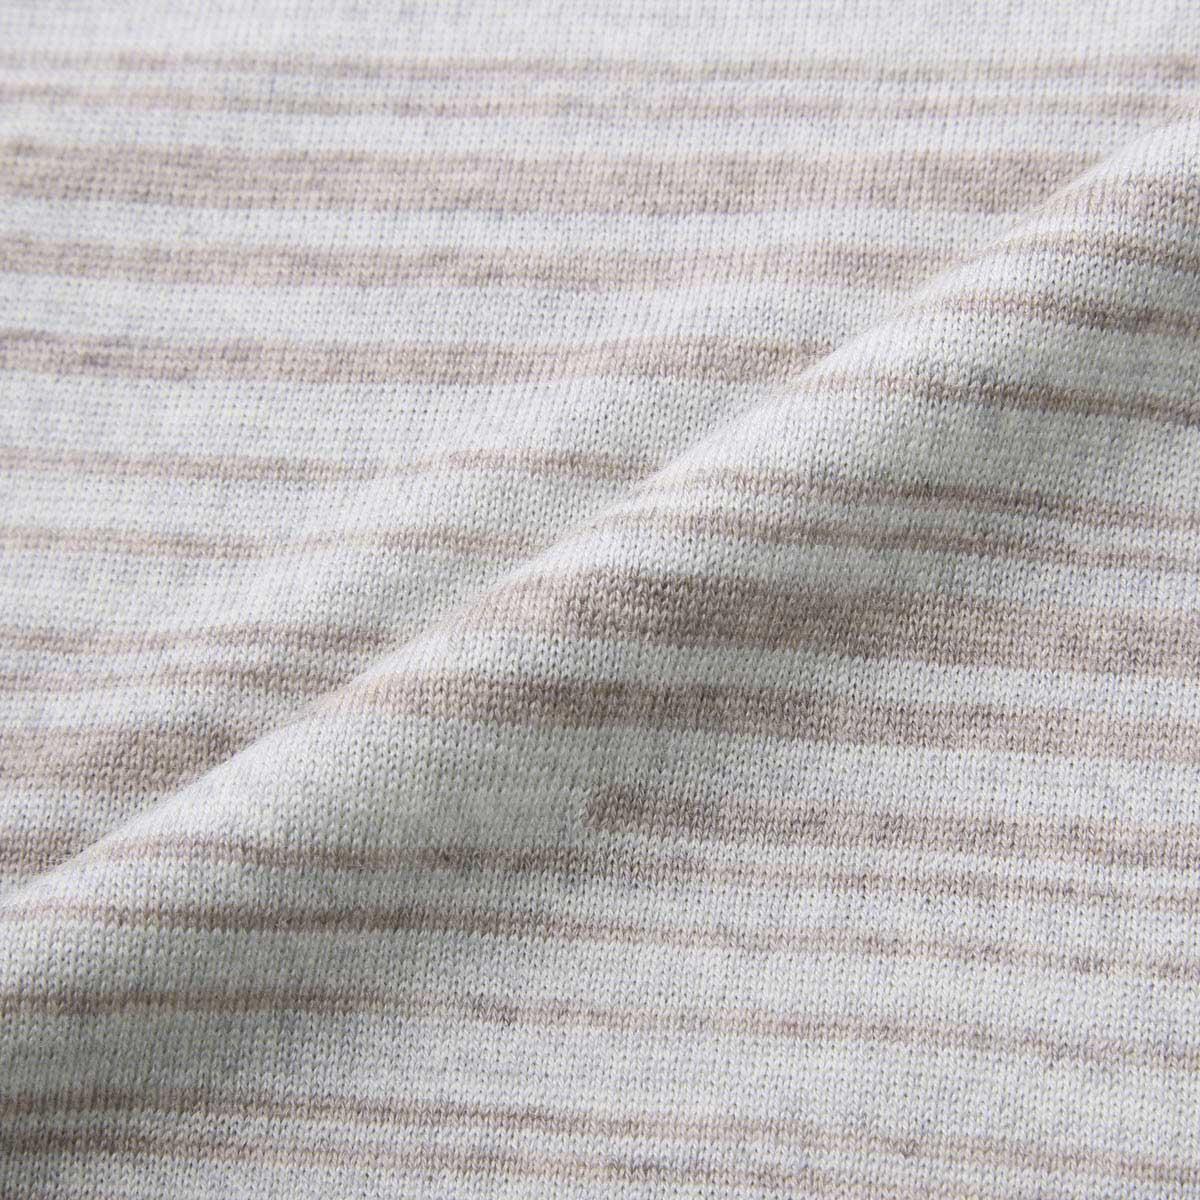 【アウトレット】JOHN SMEDLEY ジョンスメドレー クルーネック セーター/RUSTIC ラスティック 30ゲージ メンズ